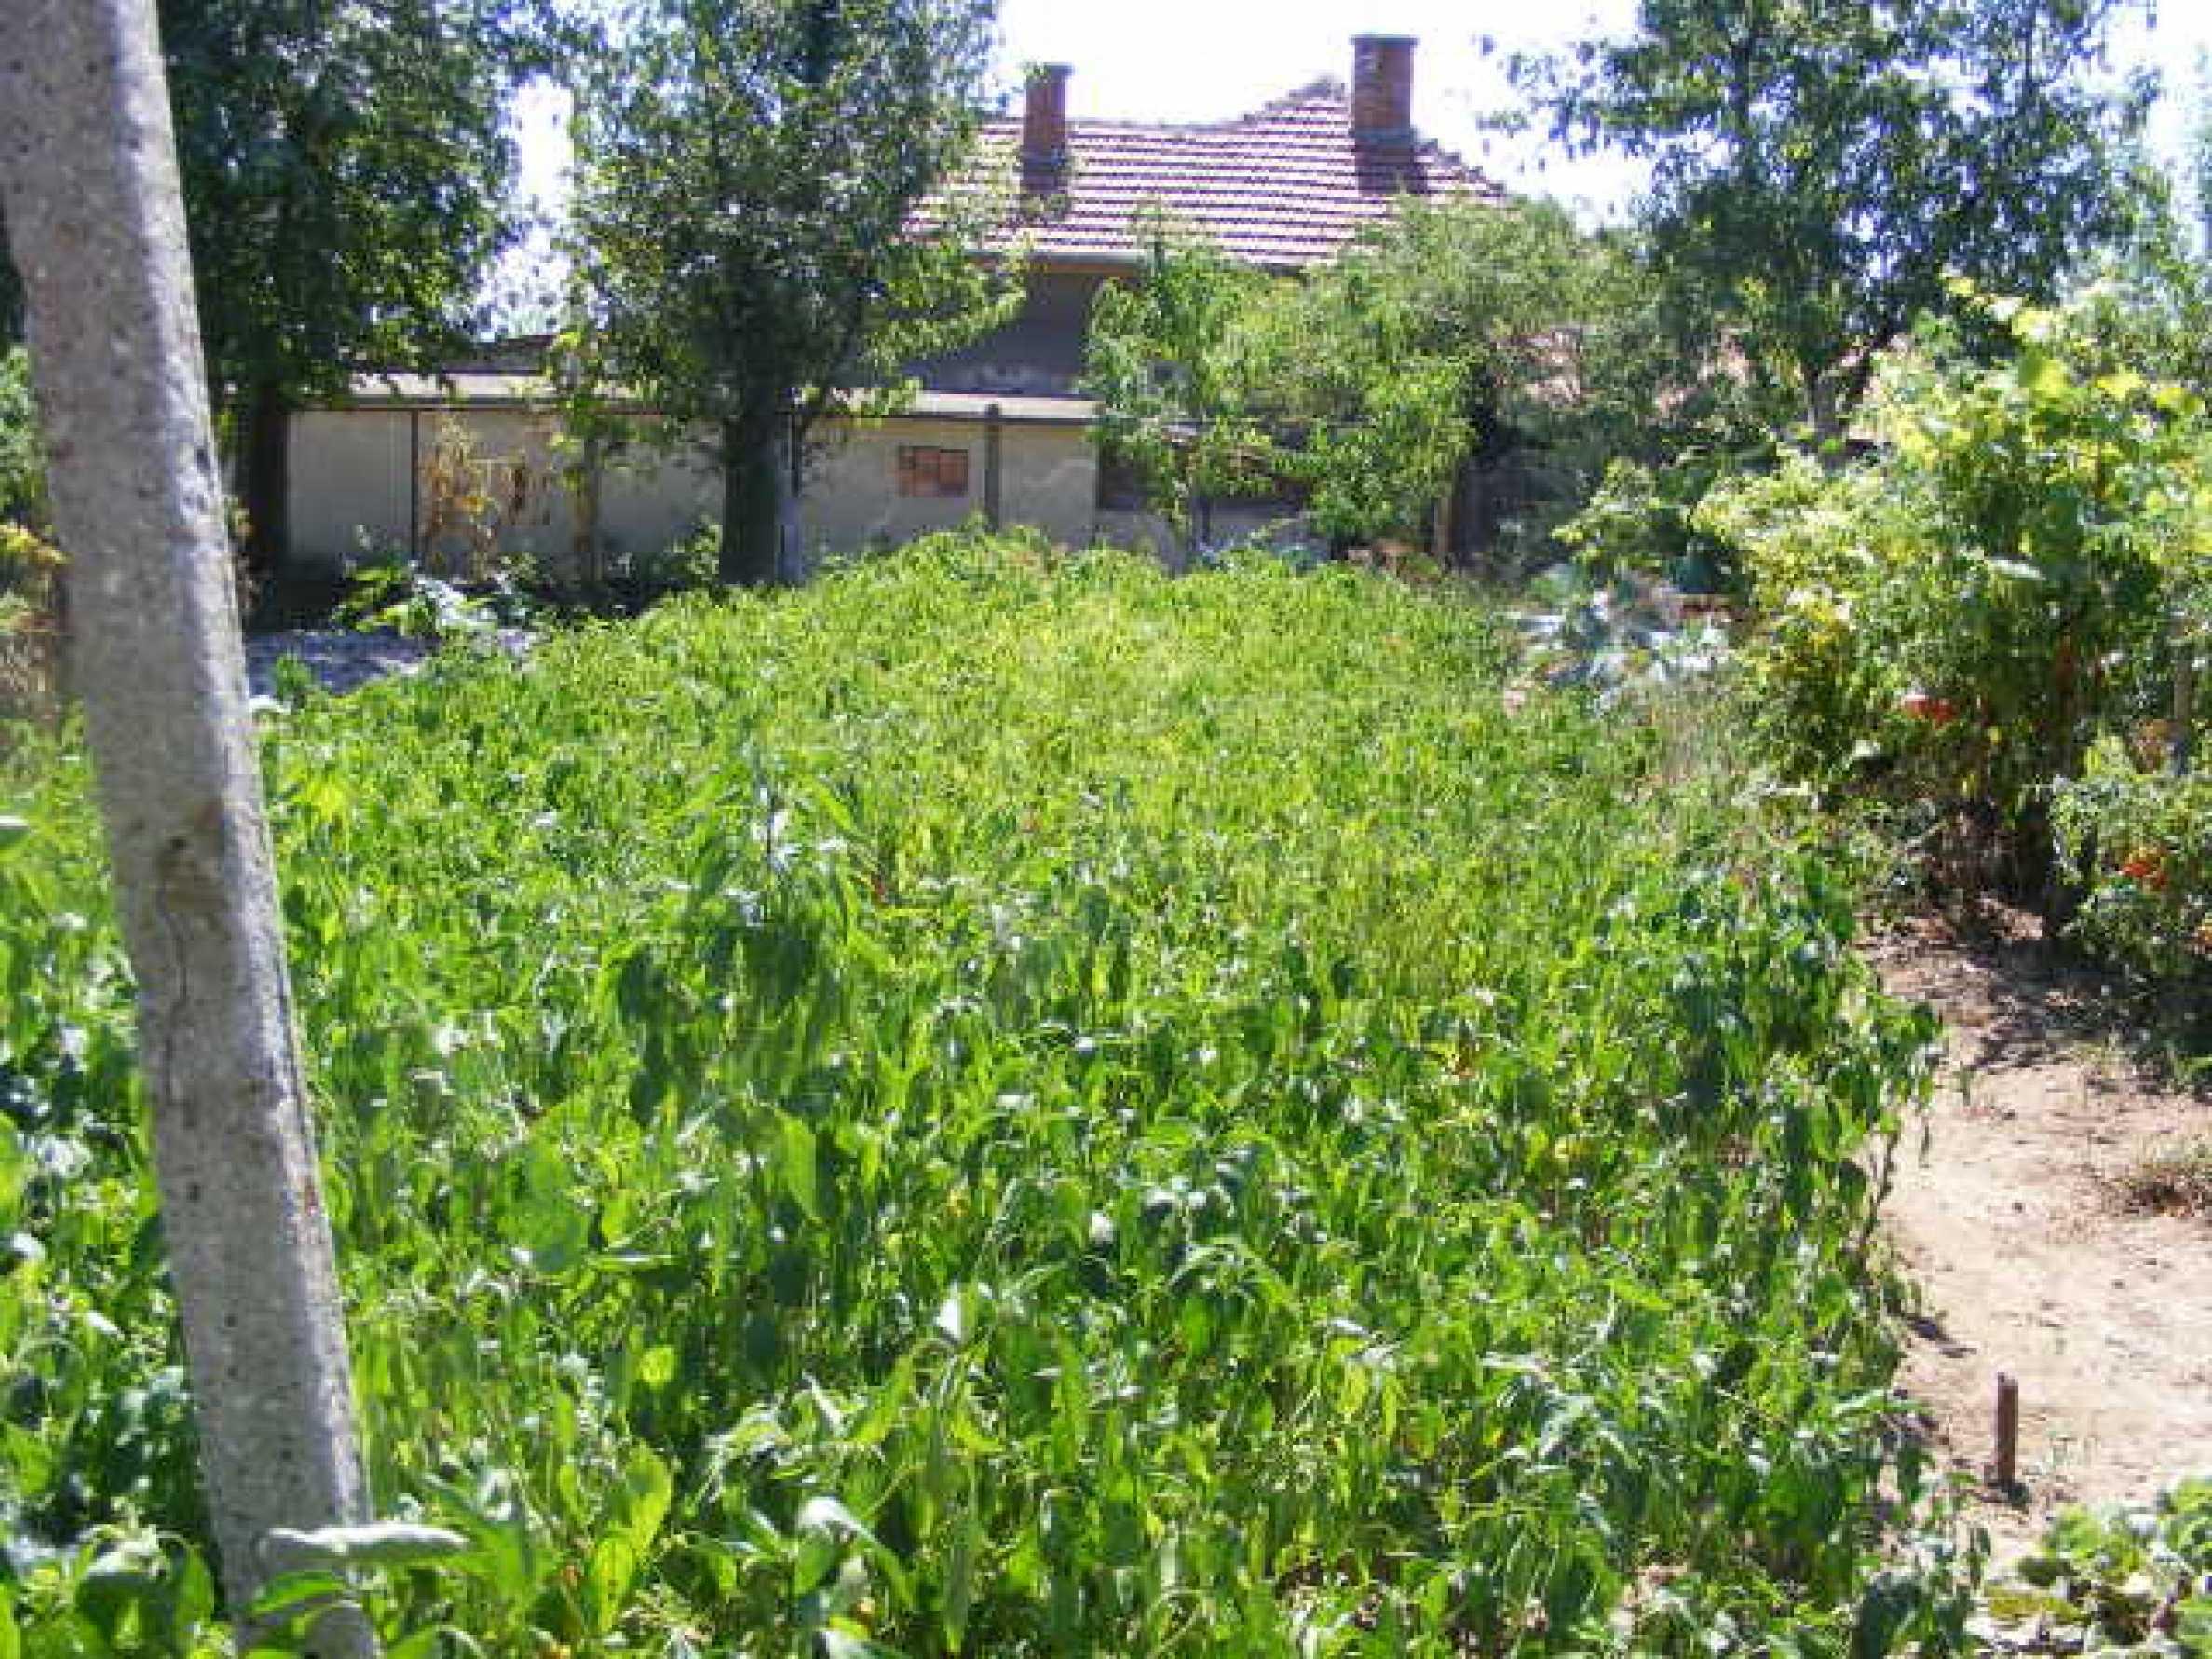 Schönes Haus mit einem großen Garten 16